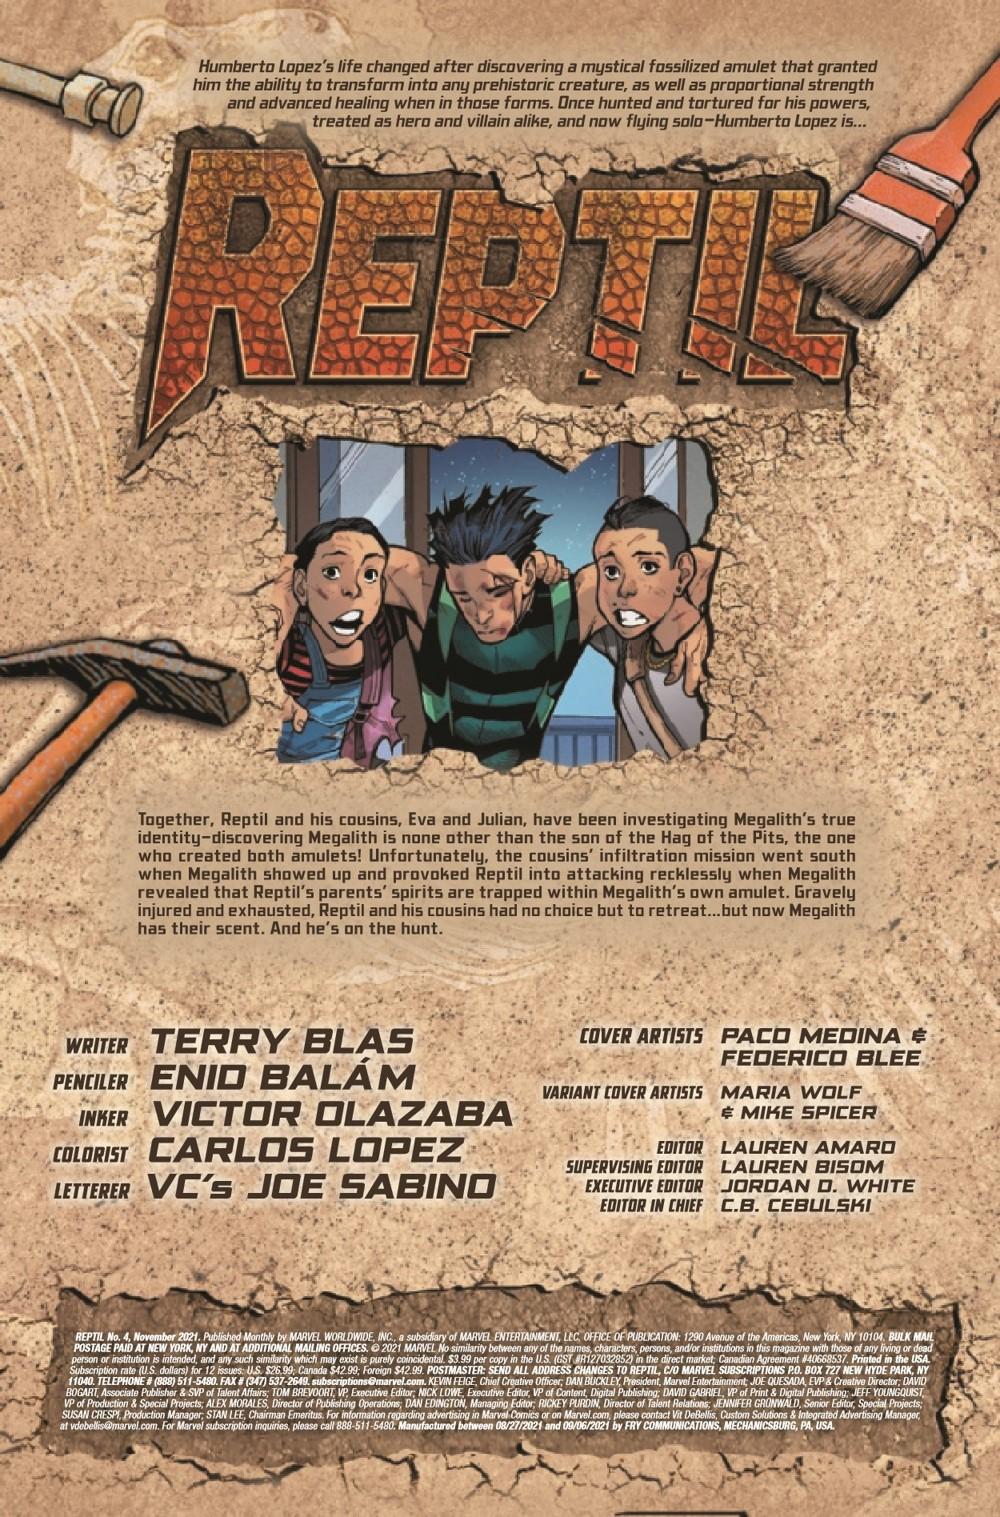 REPTIL2021004_Preview-2 ComicList Previews: REPTIL #4 (OF 4)